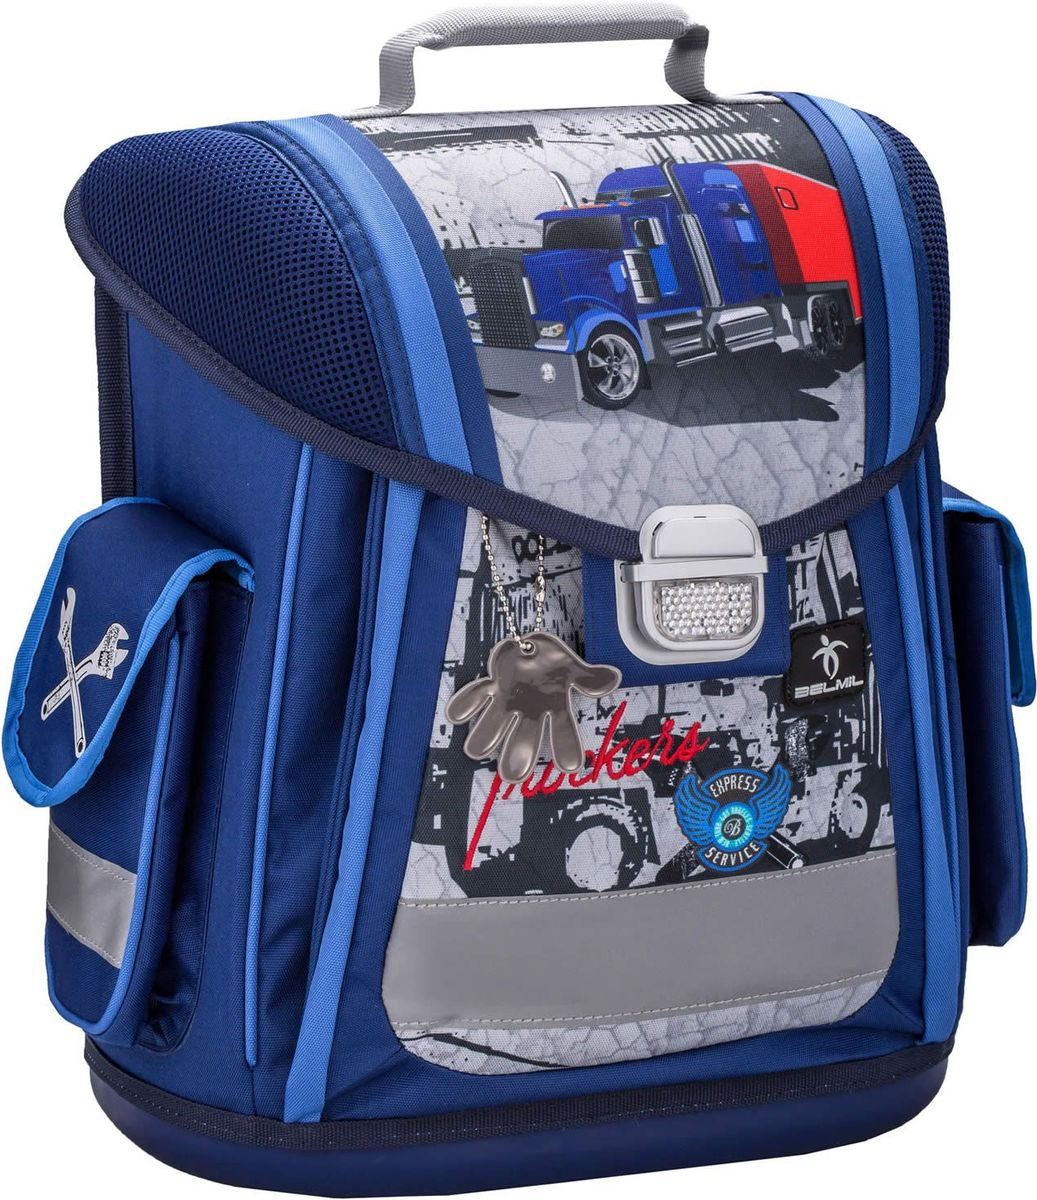 Belmil Ранец школьный Sporty Trucker404-5/576Ранец Belmil Sporty Trucker выполнен с анатомической спинкой, которая надежно защищает спину ребенка от перегрузки. Мягкие широкие и регулируемые лямки имеют систему распределения нагрузки, что также помогает сохранить осанку школьника. Пластиковое дно надежно оберегает учебники и тетради от воды. Вместительные внутренние отделения, в главном - разделители для учебников и тетрадей. Рюкзак имеет боковые карманы на липучке. Крышка имеет две отдельные ручки, каждая из которых предназначена для различных целей: резиновая ручка служит безопасной и удобной рукоятки в детских маленьких руках, а другая используется, чтобы повесить сумку в шкафчике или на парте.Ранец легко закрывается на металлический замок со светоотражателем. Широкие светоотражающие полоски по всему периметру ранца существенно повышают безопасность ребенка на дороге.